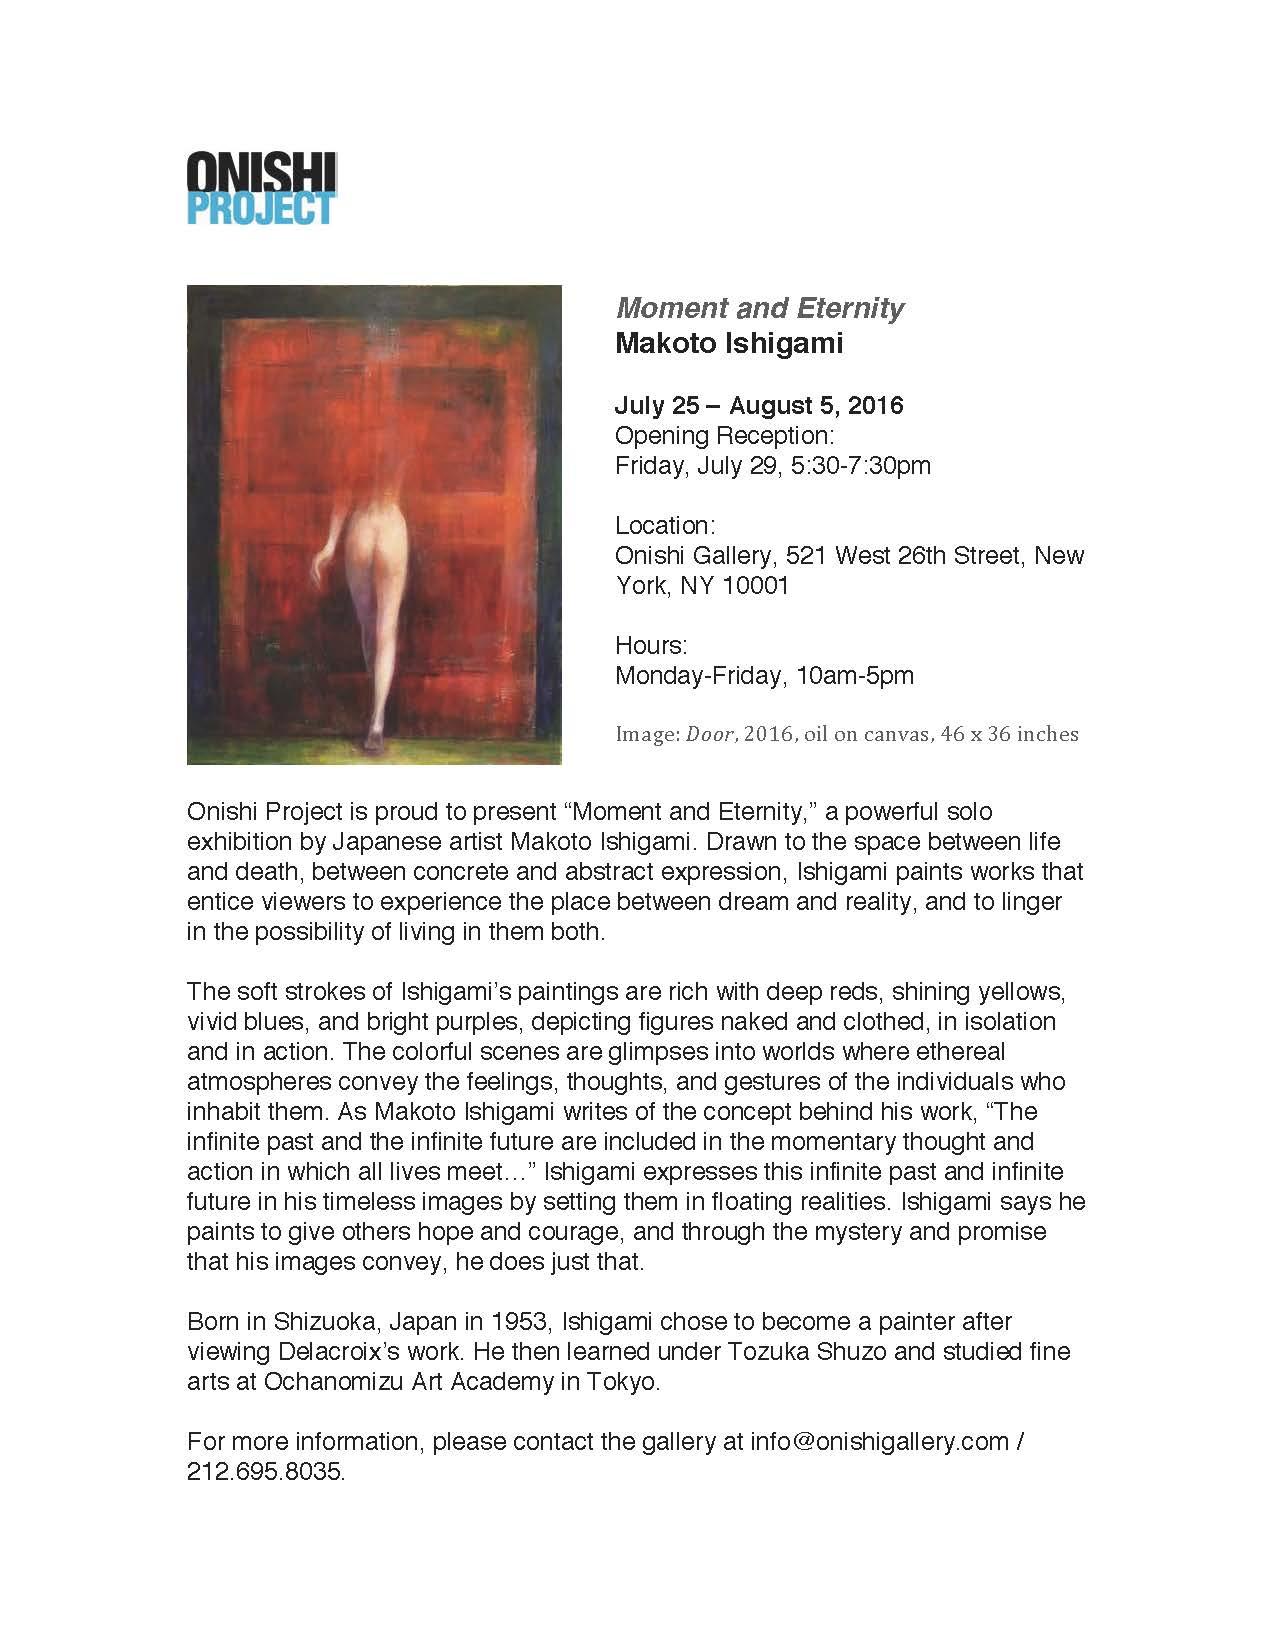 Makoto Ishigami Exhibition in NY